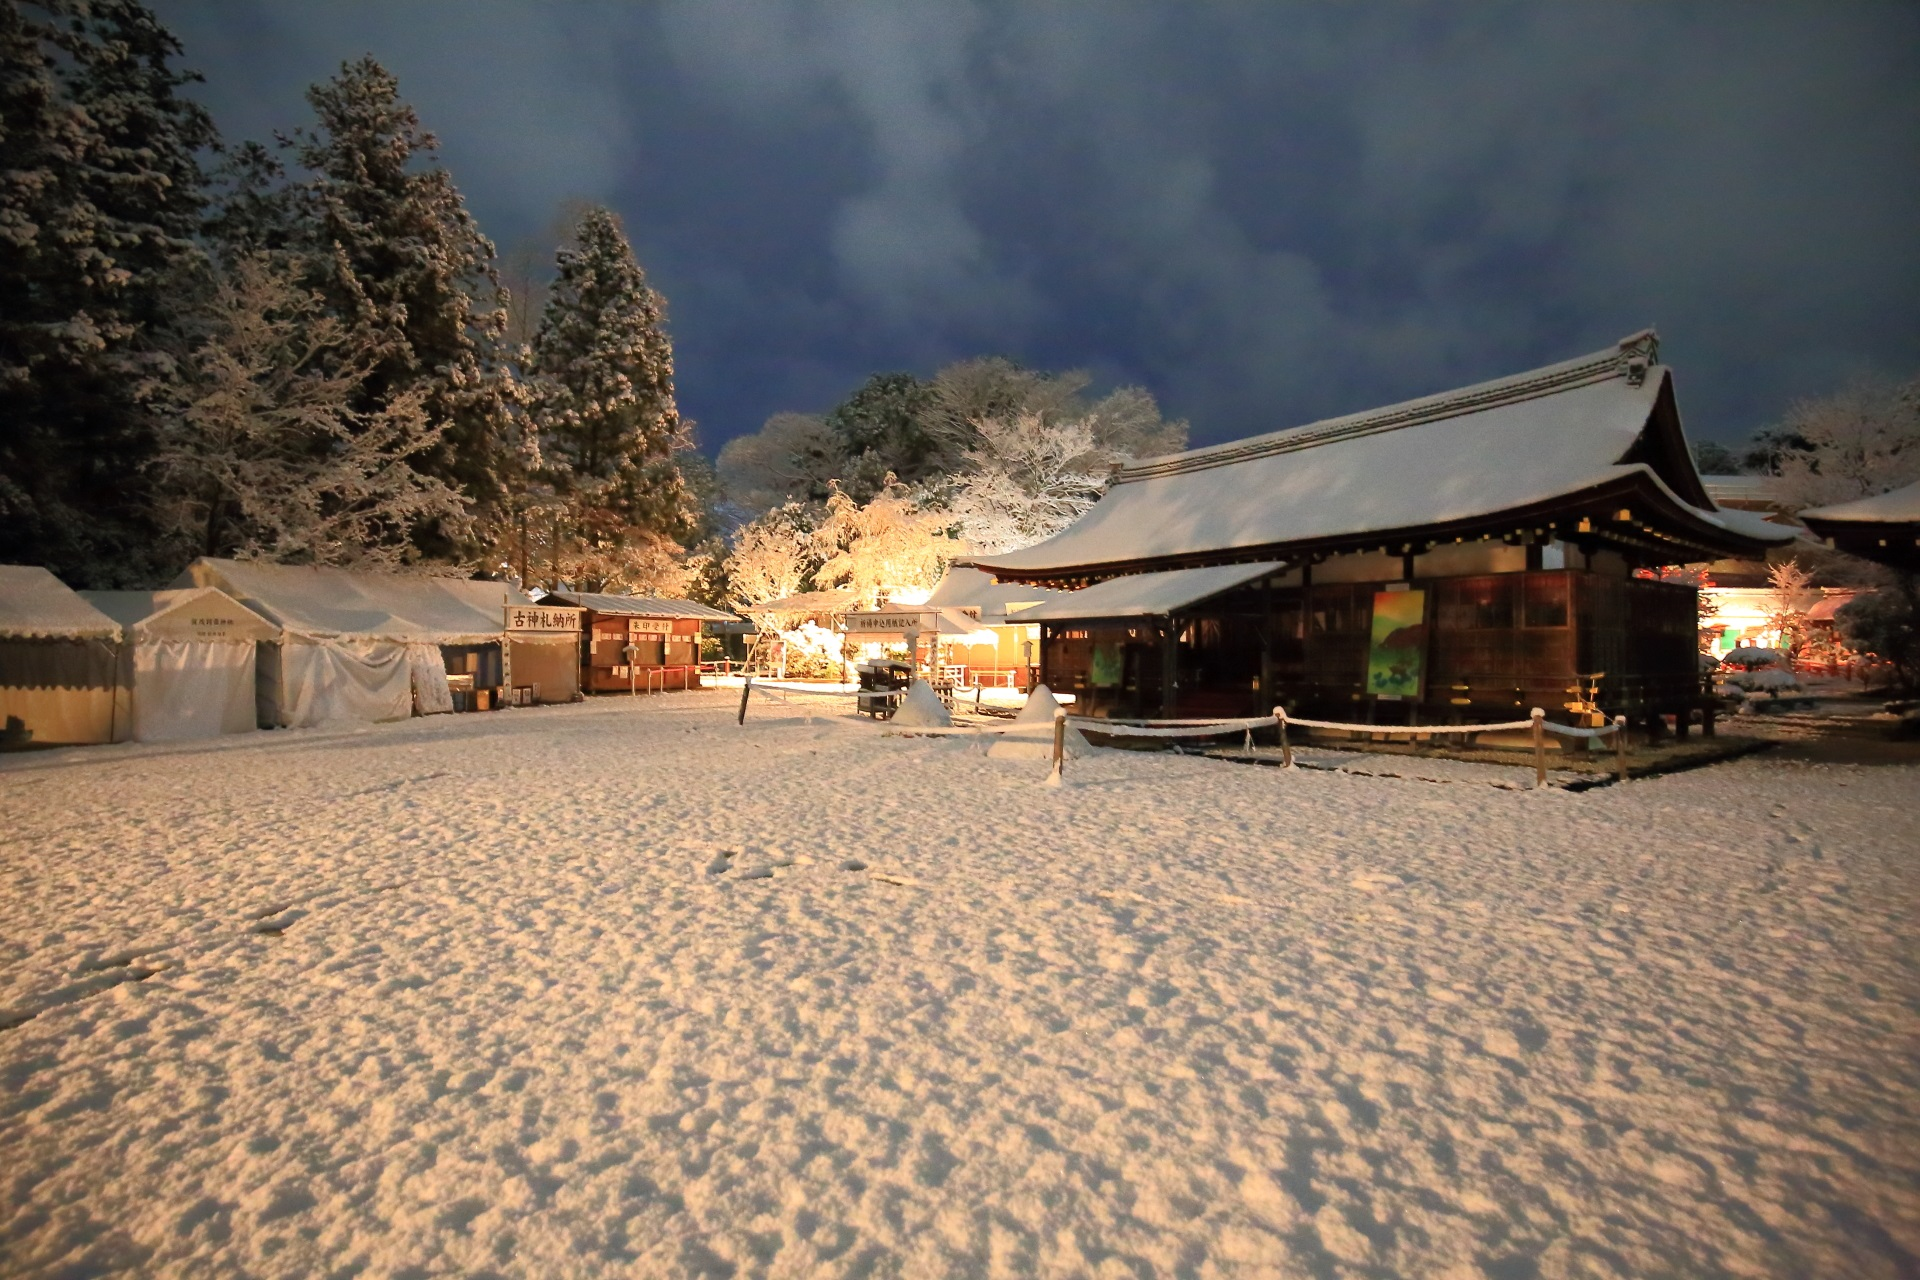 雪に染まる上賀茂神社の神秘的な細殿と木々